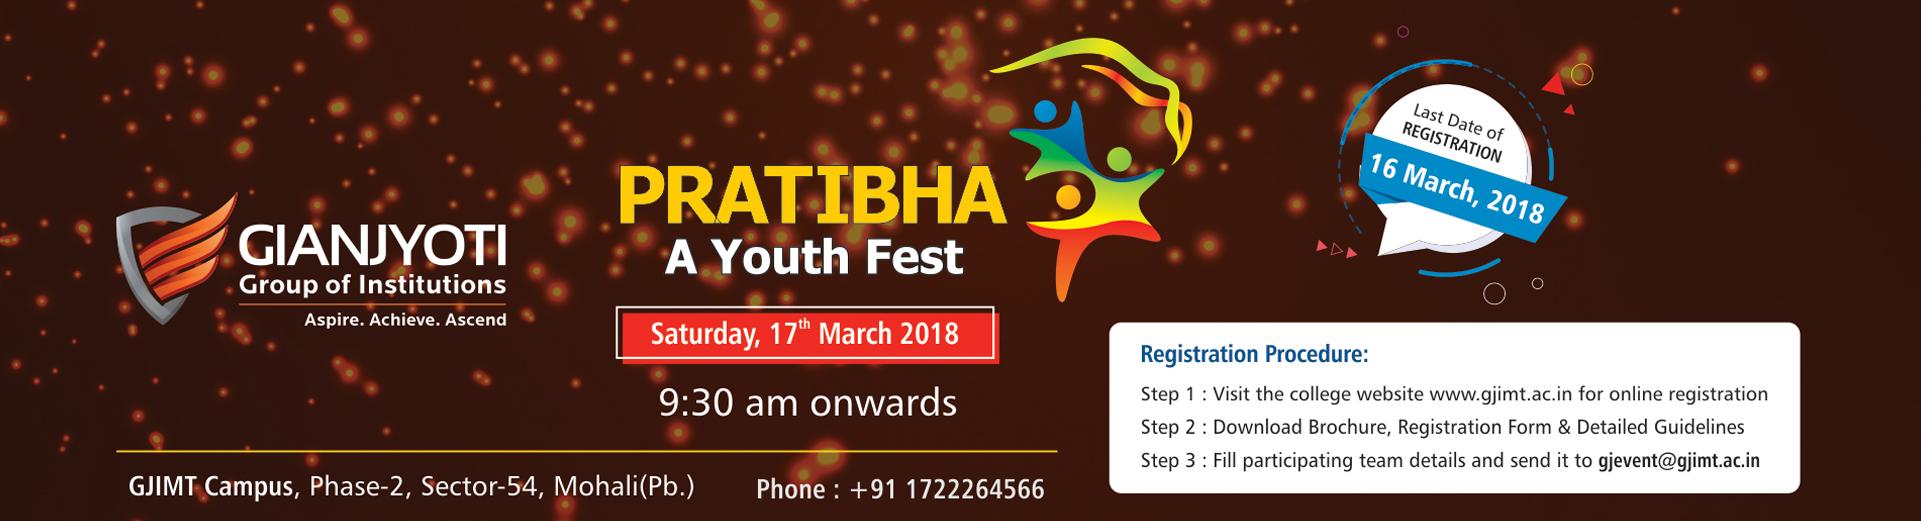 slider-pratibha-youth-fest